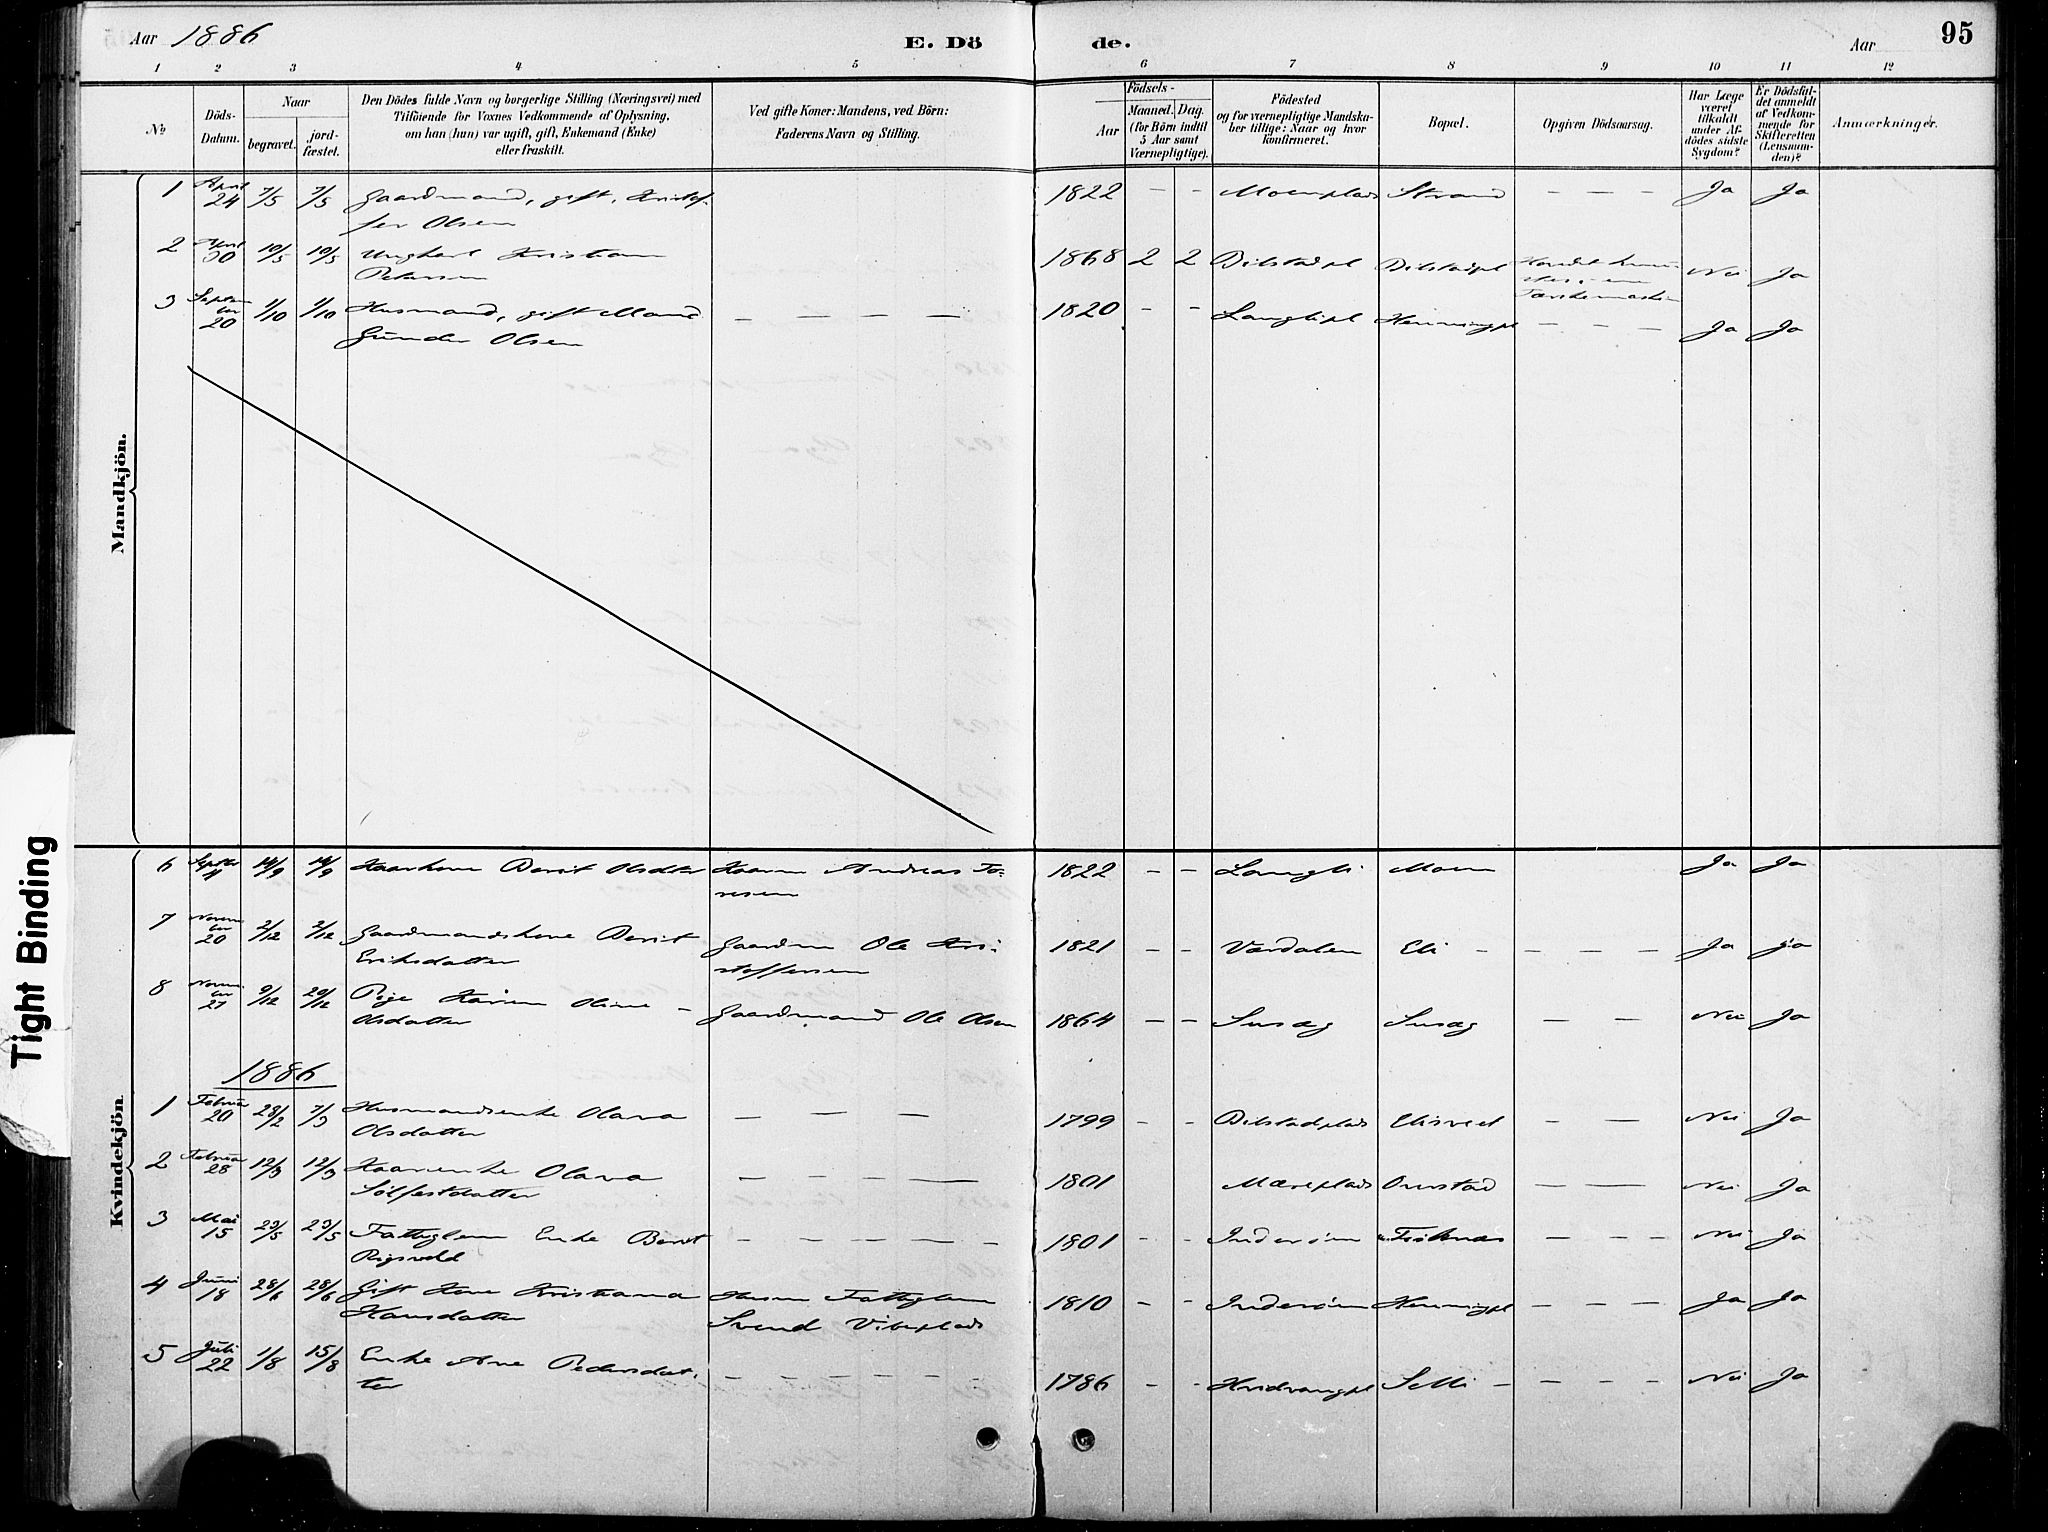 SAT, Ministerialprotokoller, klokkerbøker og fødselsregistre - Nord-Trøndelag, 738/L0364: Ministerialbok nr. 738A01, 1884-1902, s. 95